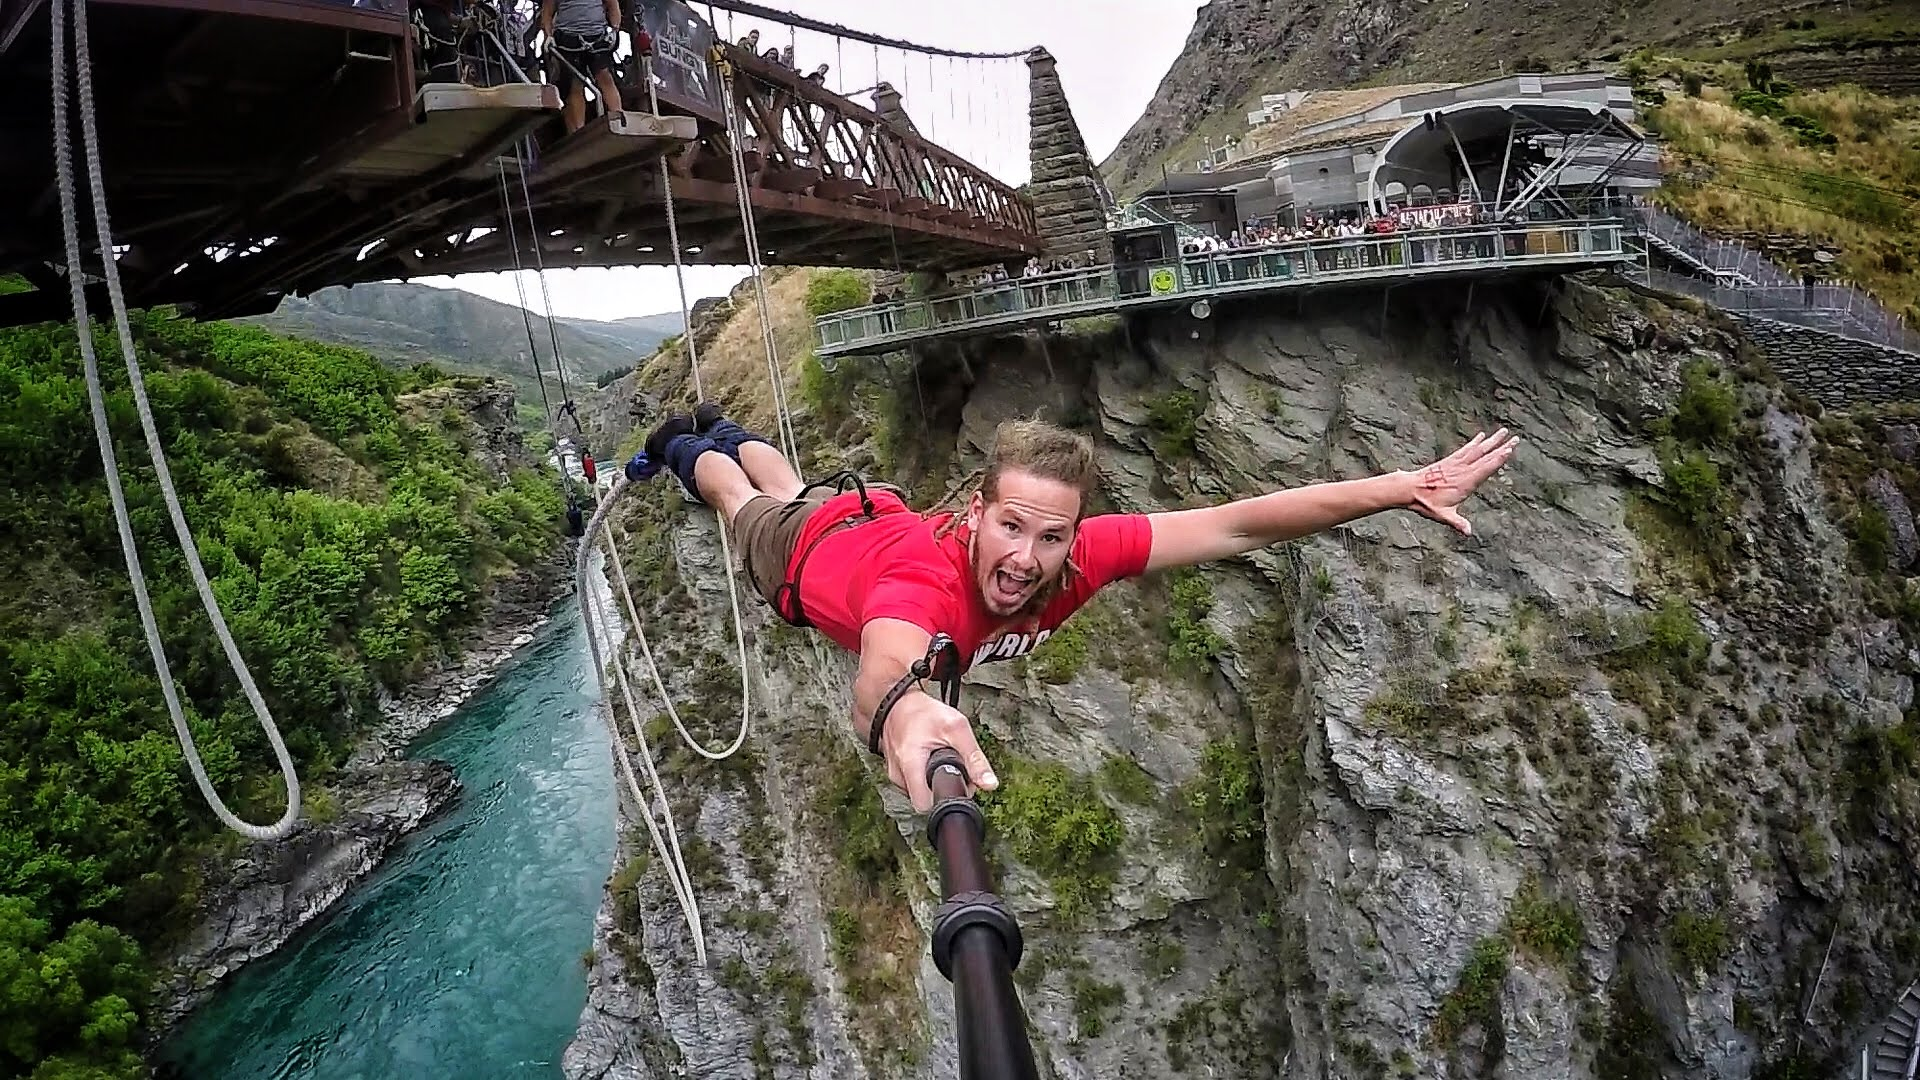 فيديو...القفز من أعلى مكان بالعالم